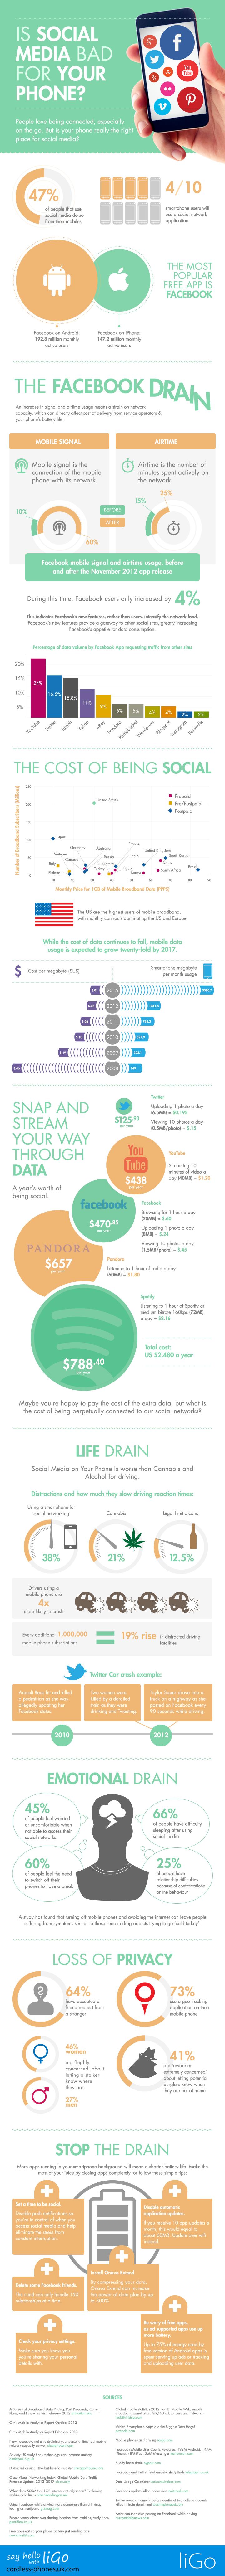 Infographie : êtes-vous accros aux réseaux sociaux sur votre smartphone ?